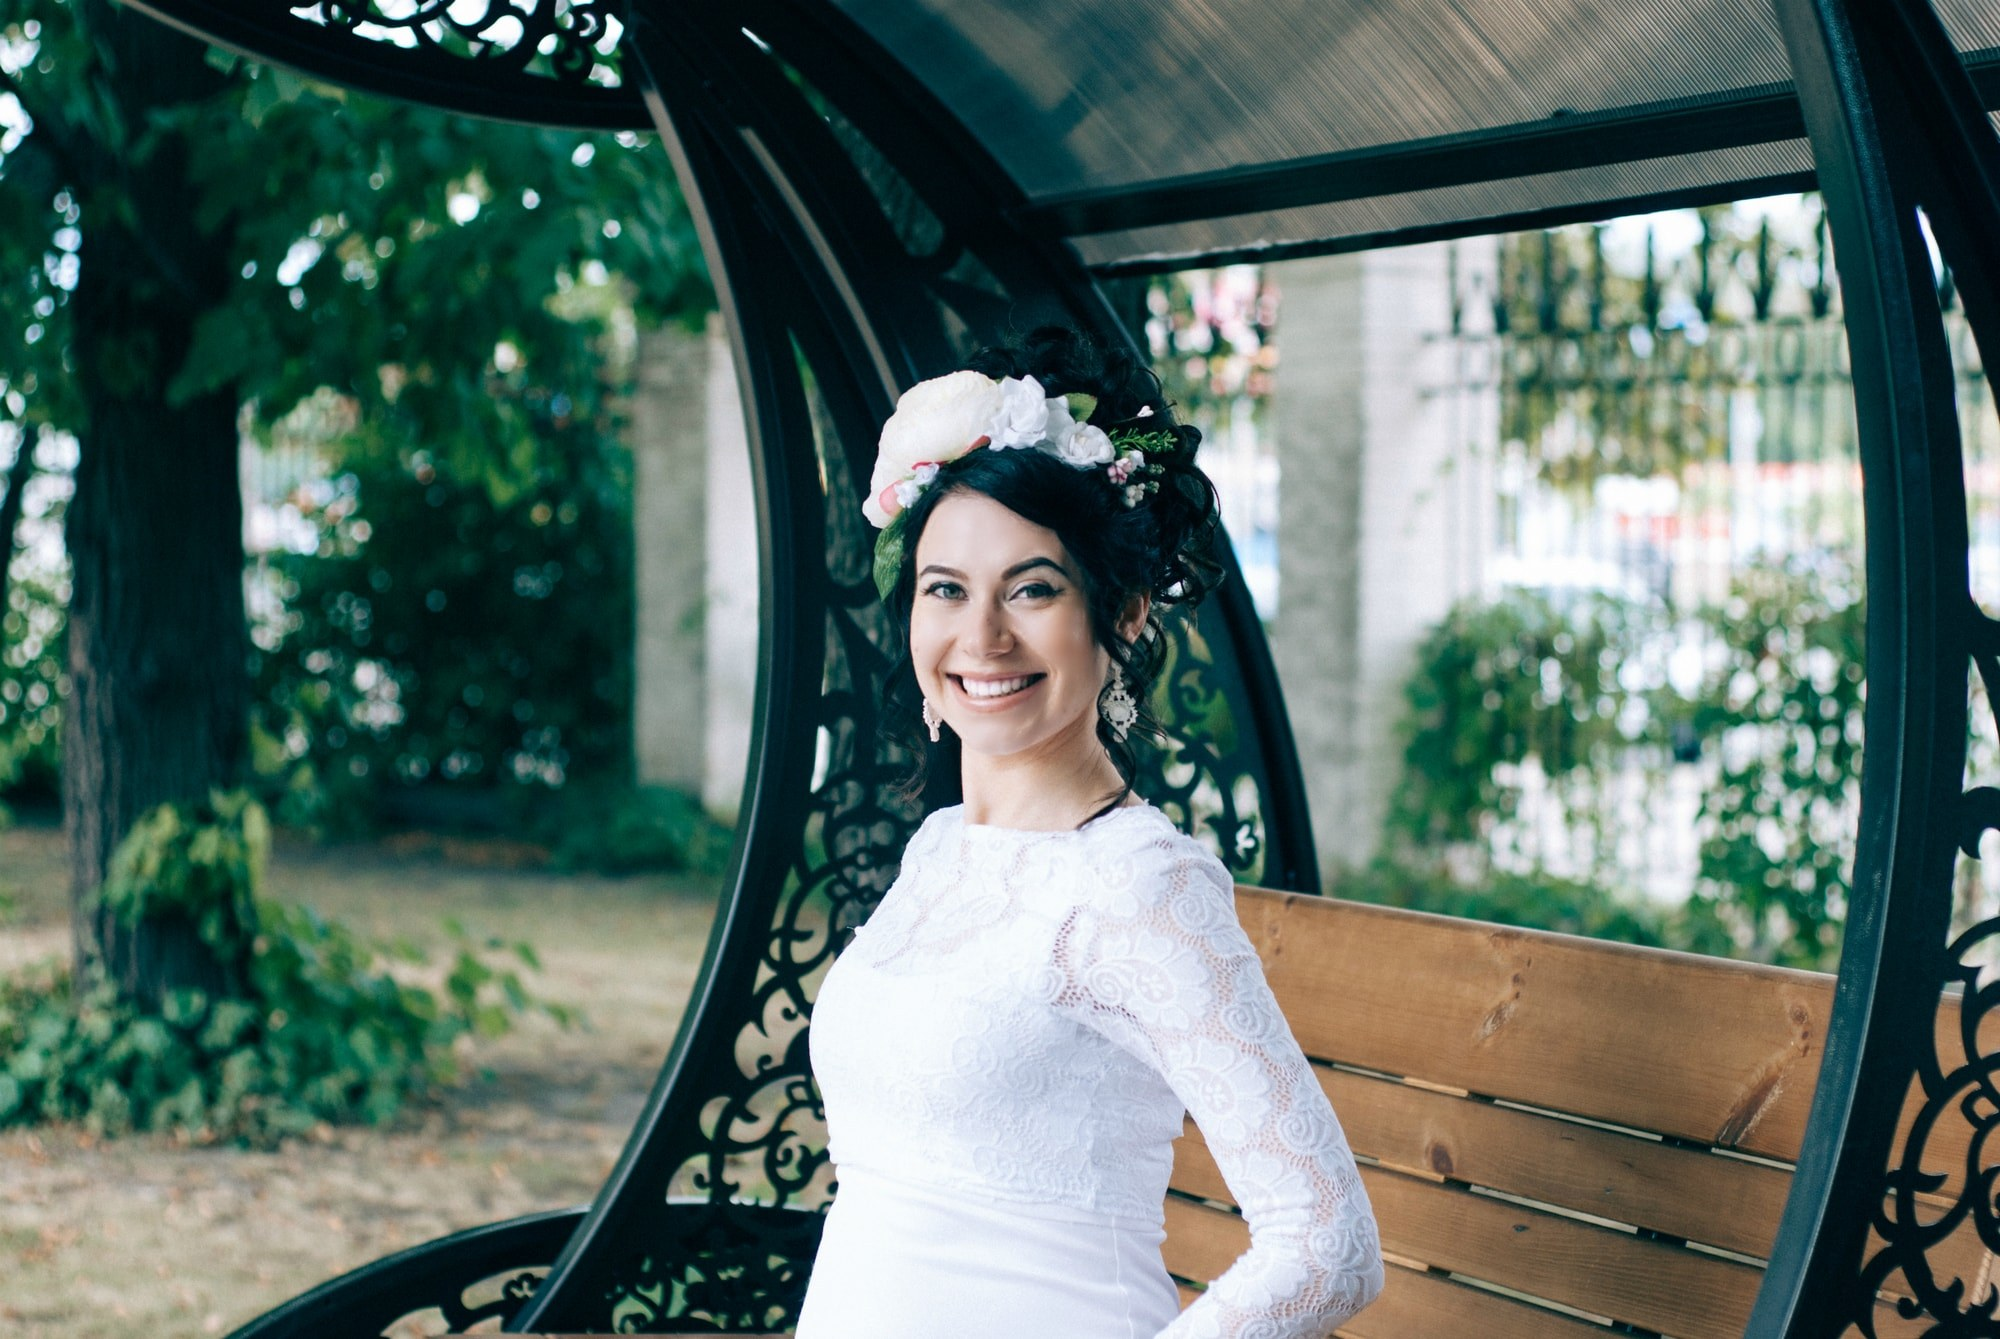 Невеста смеется парке - Фотограф Киев - Женя Лайт